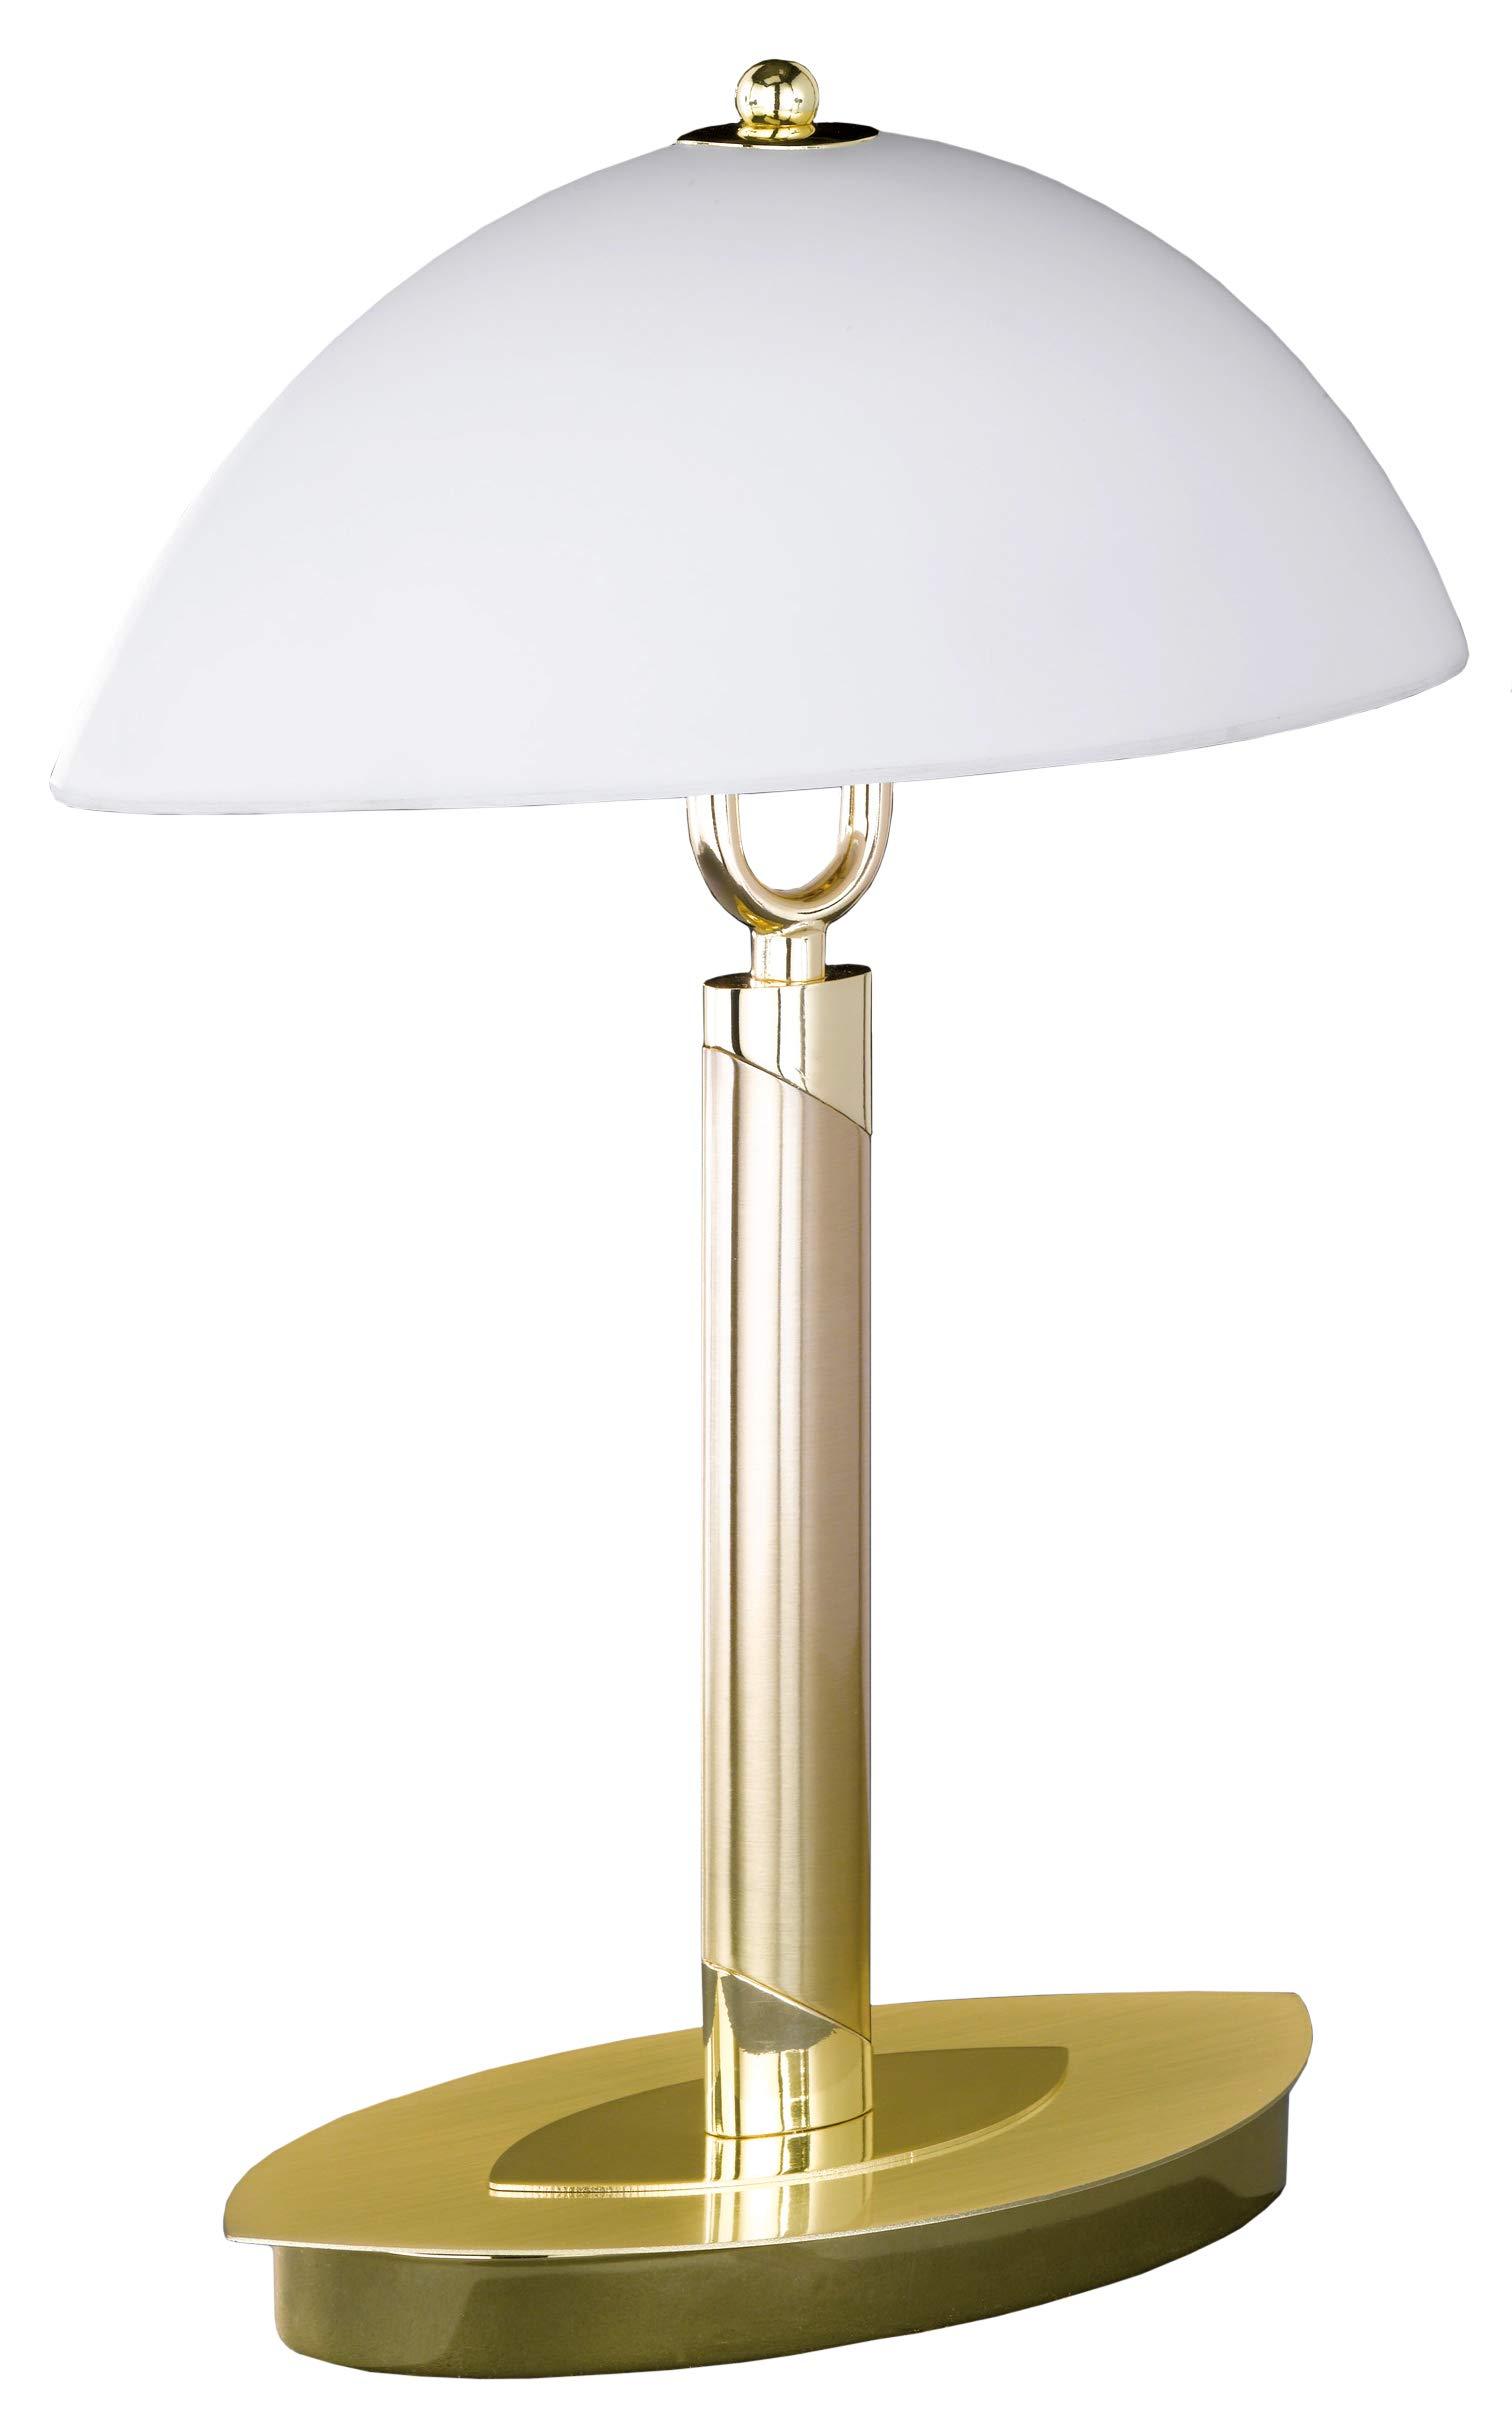 Wofi 8112.02.32.0010 Lámpara de escritorio